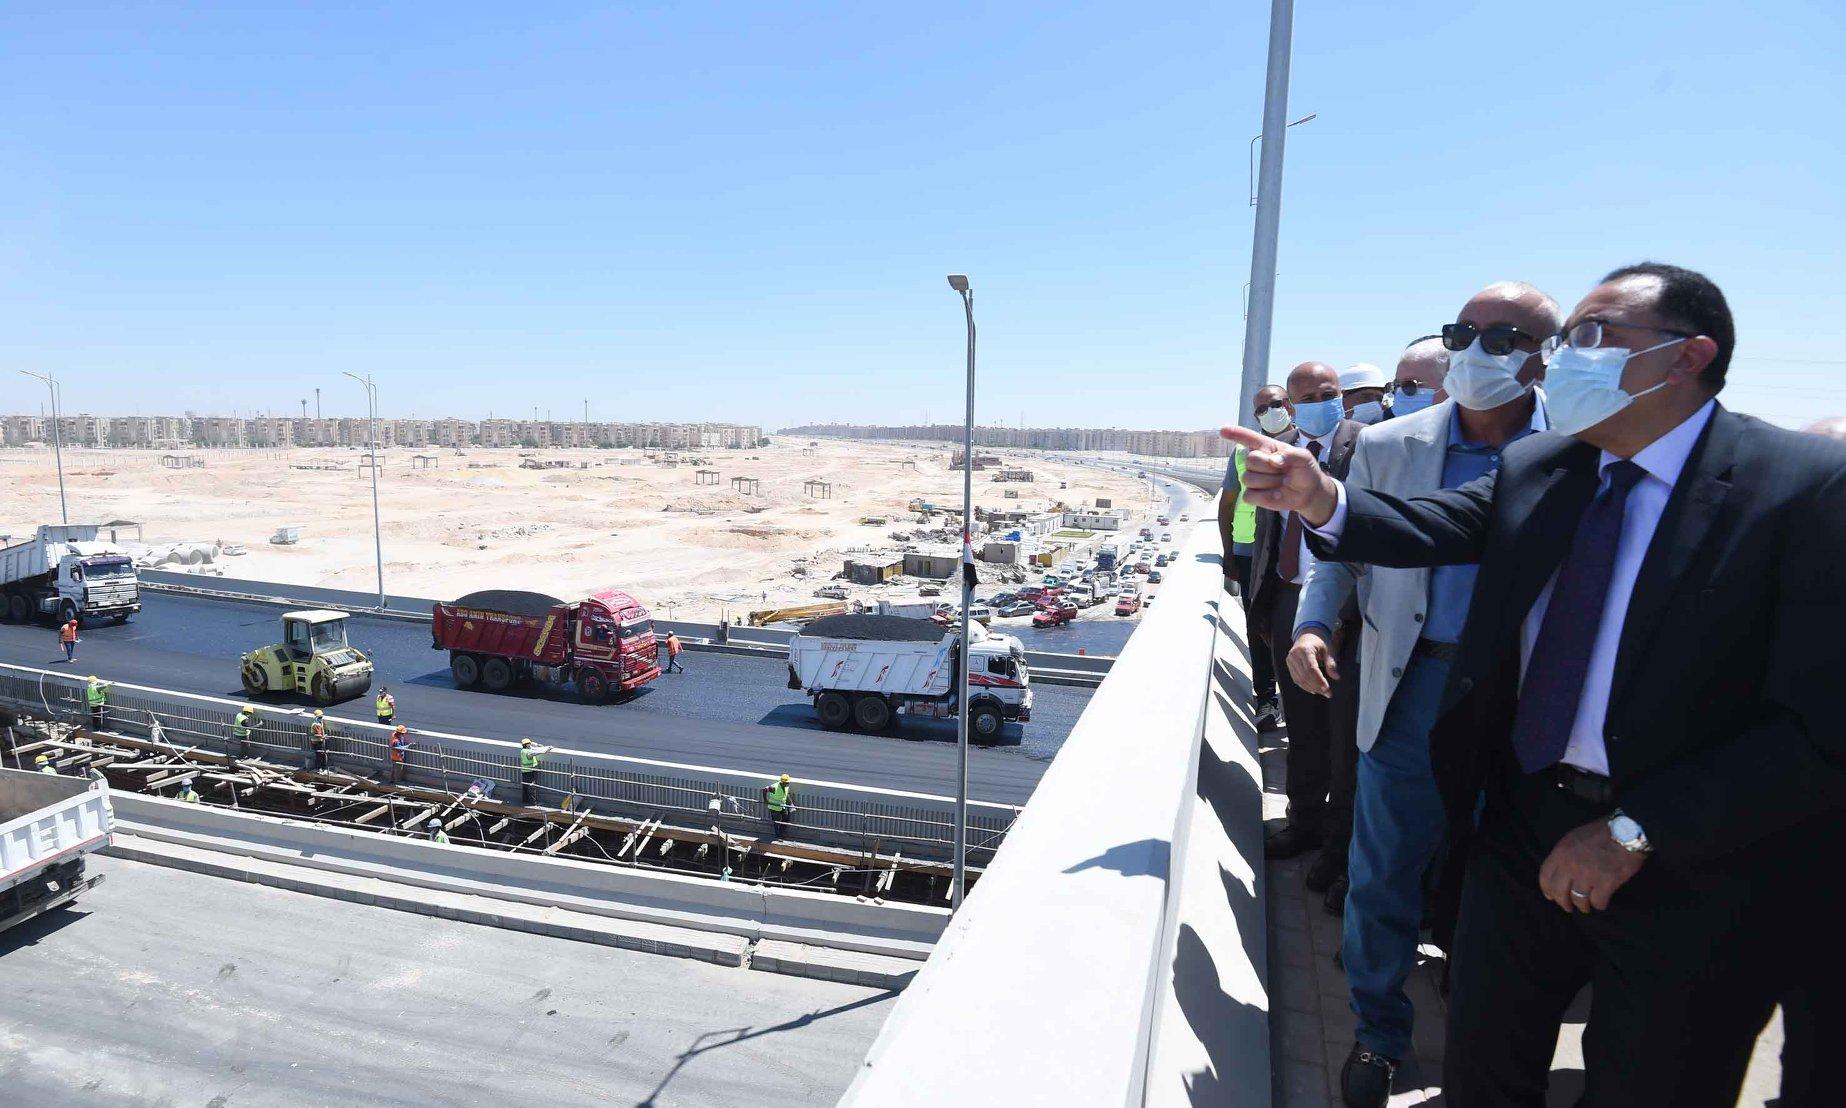 صور | رئيس الوزراء يتفقد الطرق والمحاور الجديدة بمدينة 6 أكتوبر